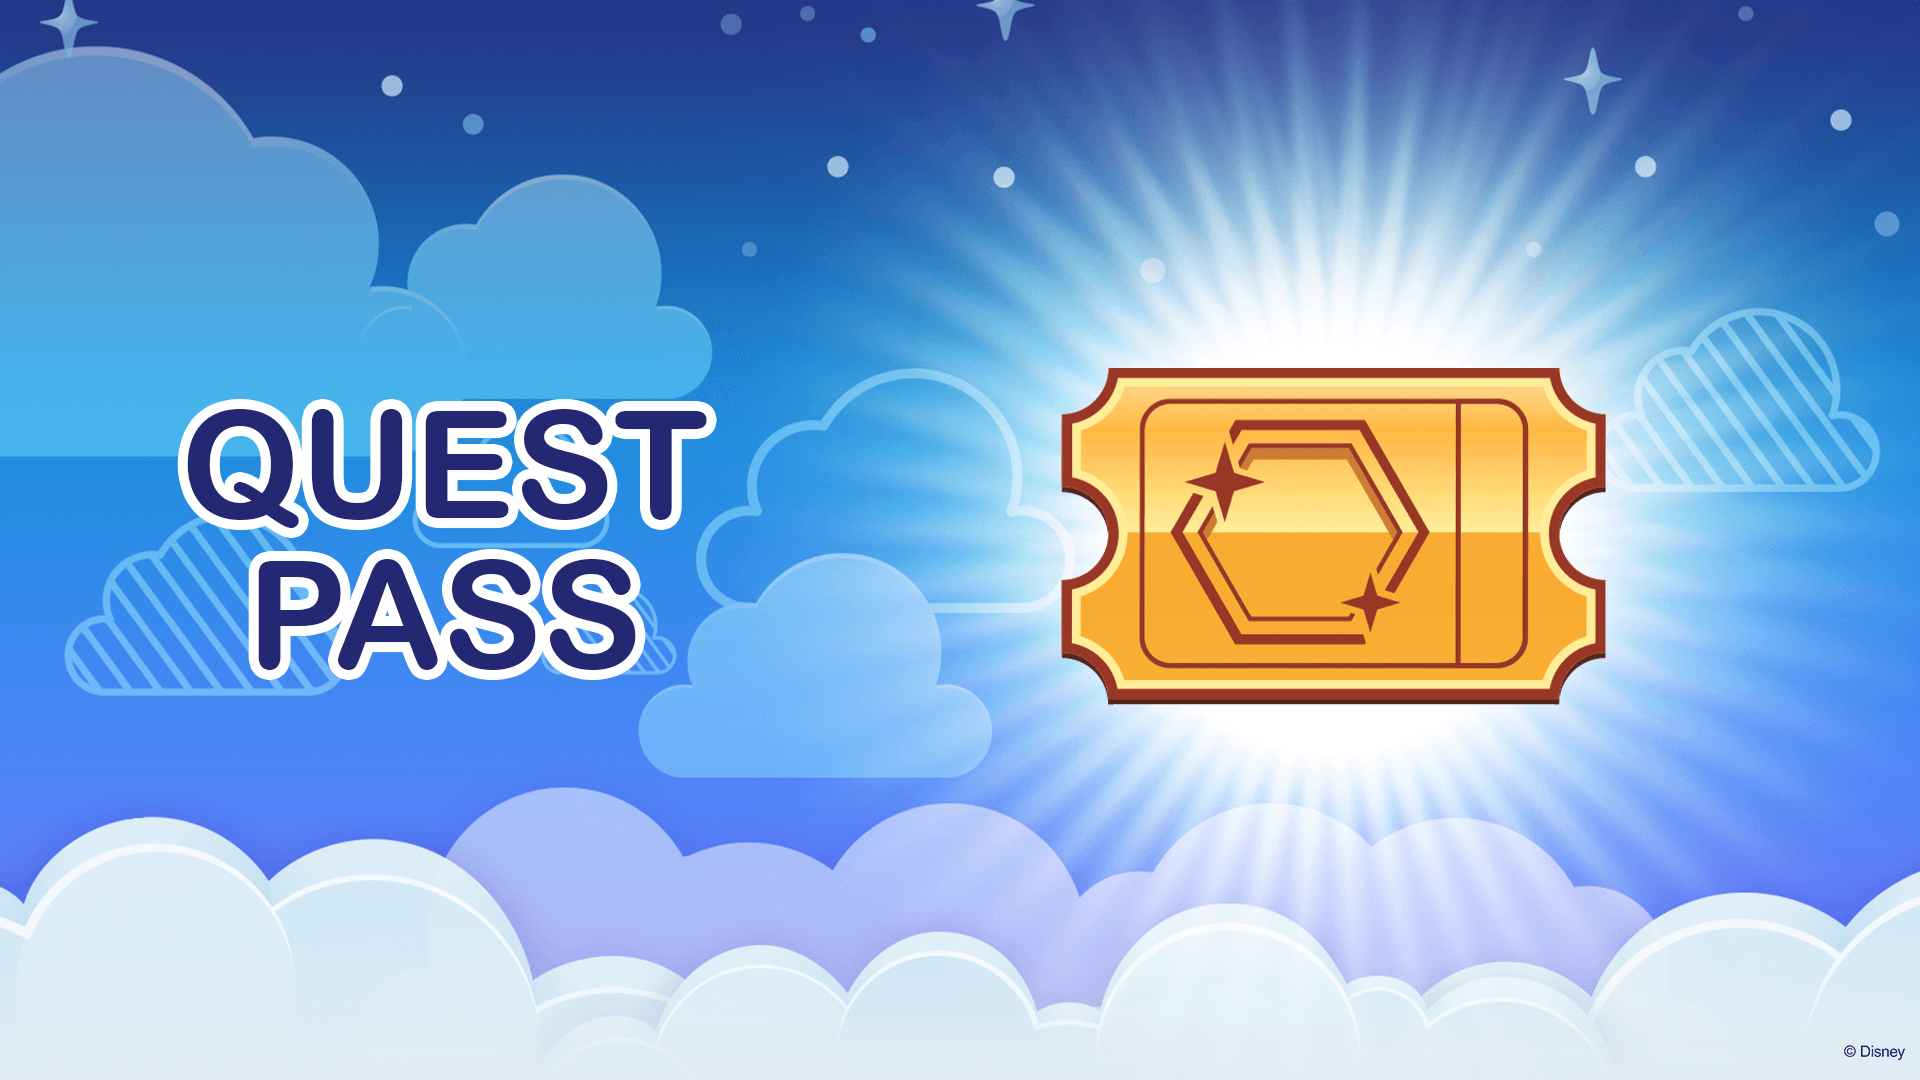 Quest Pass